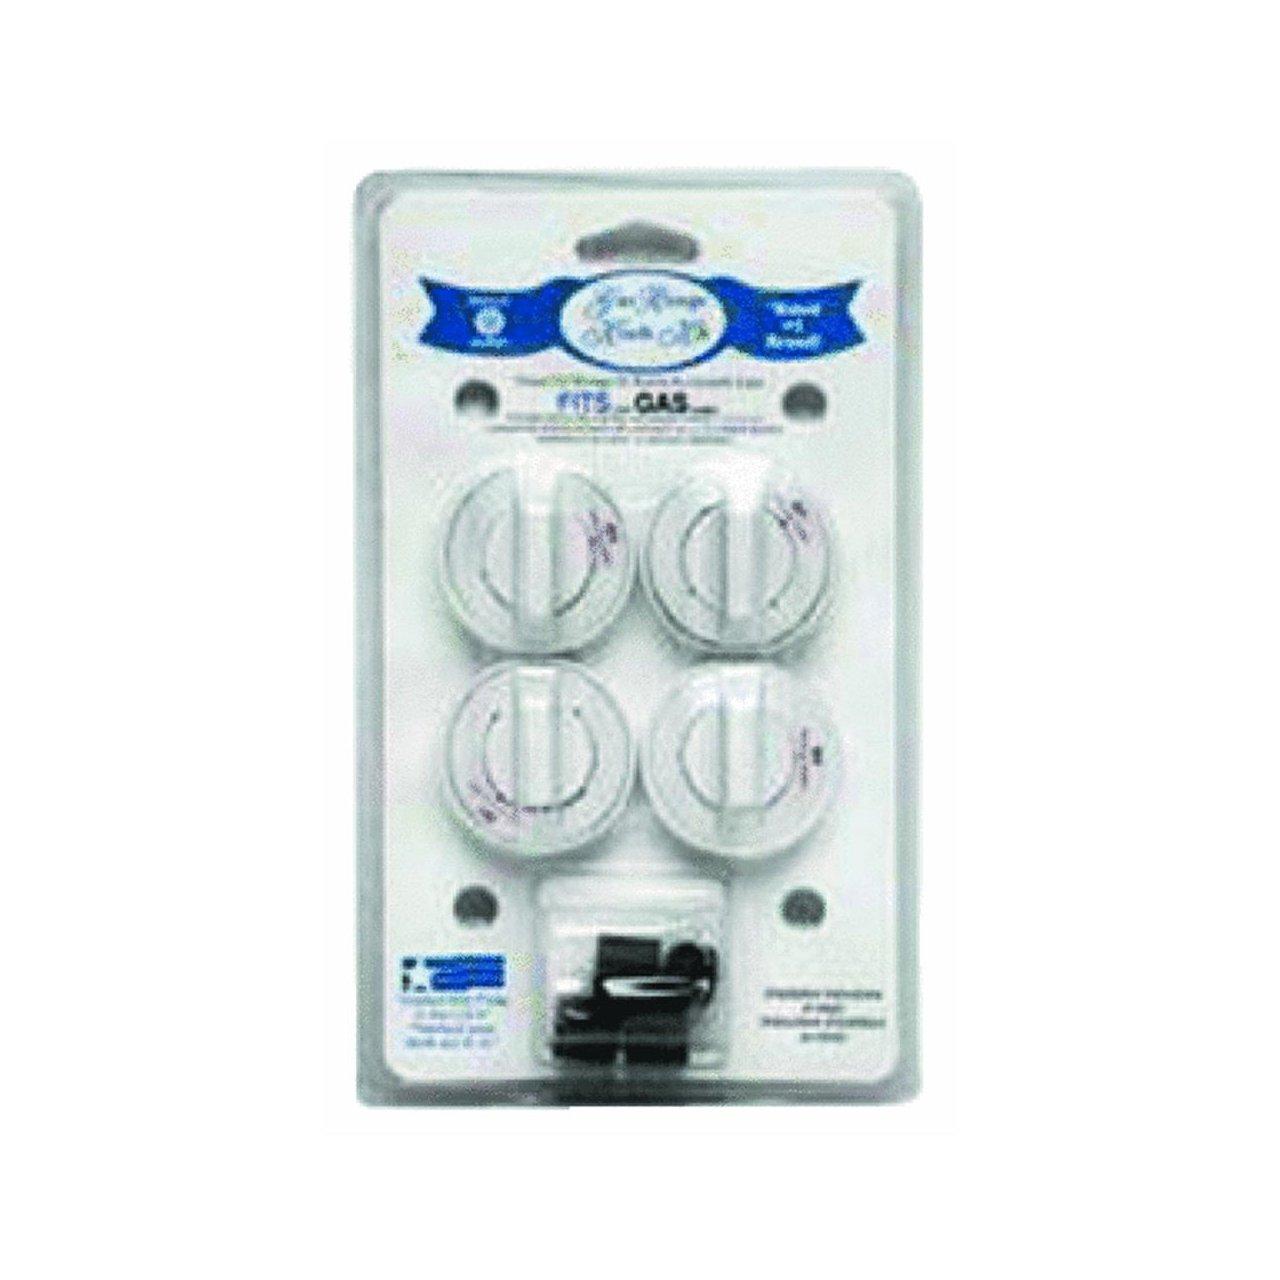 Range Kleen 8234 Gas Range Knobs – 4 White Gas Range Safety Knobs Gas Stove Accessories